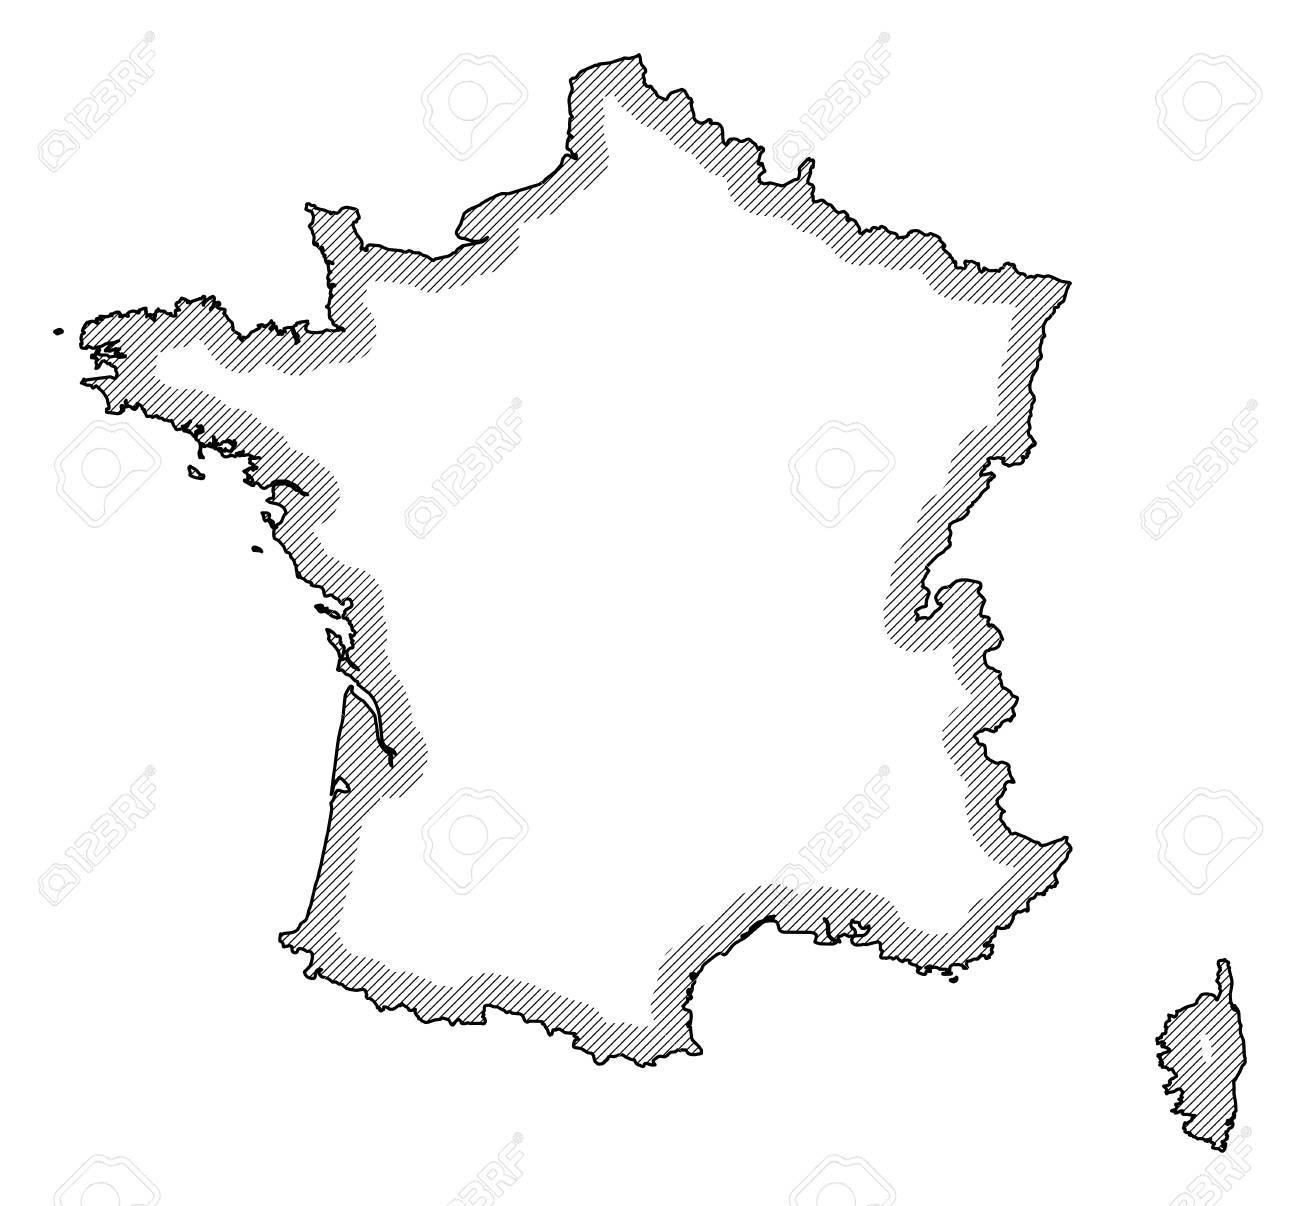 carte de france noir et blanc Carte De France En Noir Et Blanc, La France Est Mise En évidence